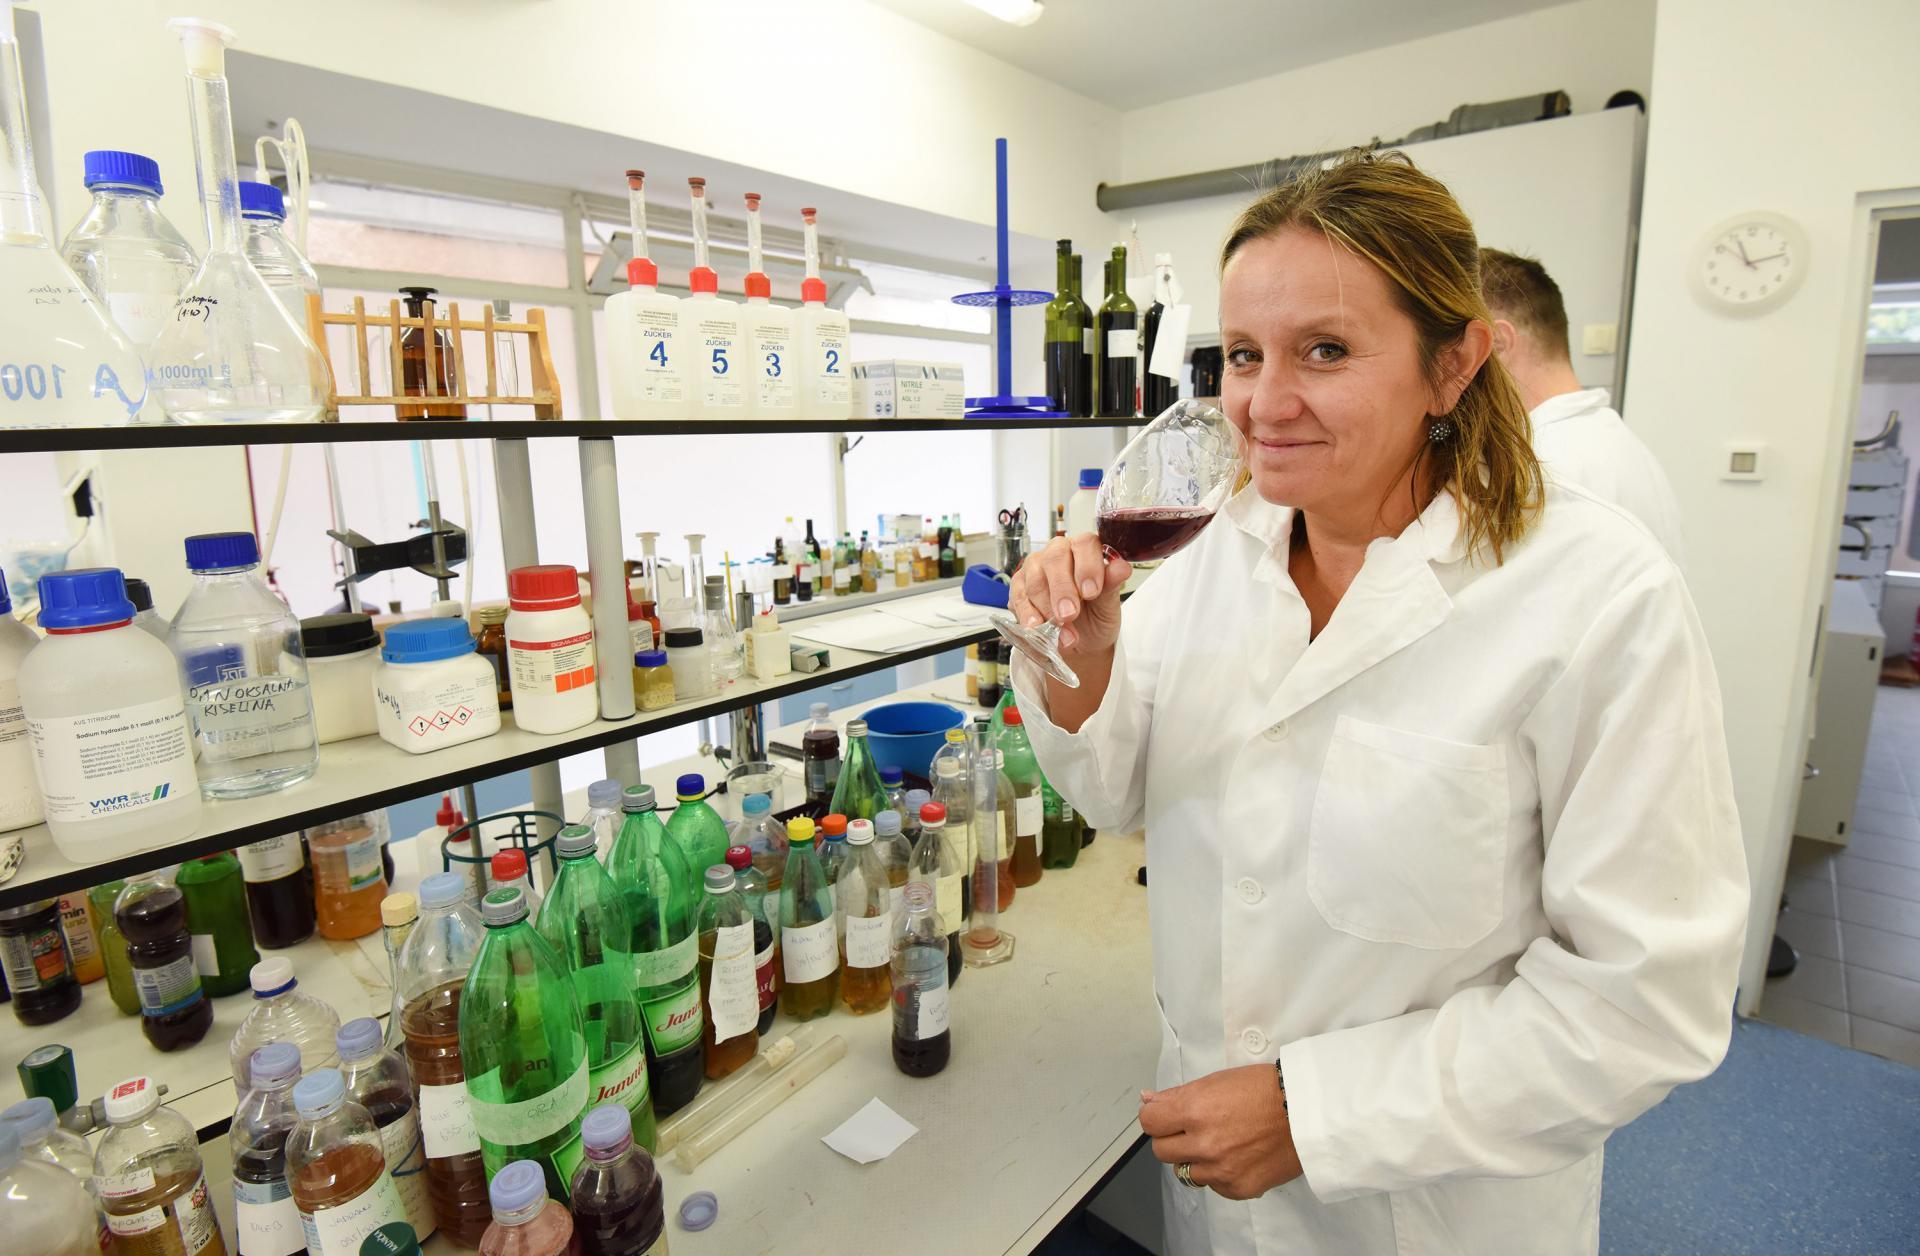 Voditeljica Enološkog laboratorija Marina Pavlović: Berba je još u tijeku, a postoji disbalans šećera, koji su previsoki, i kiselina, koje su preniske